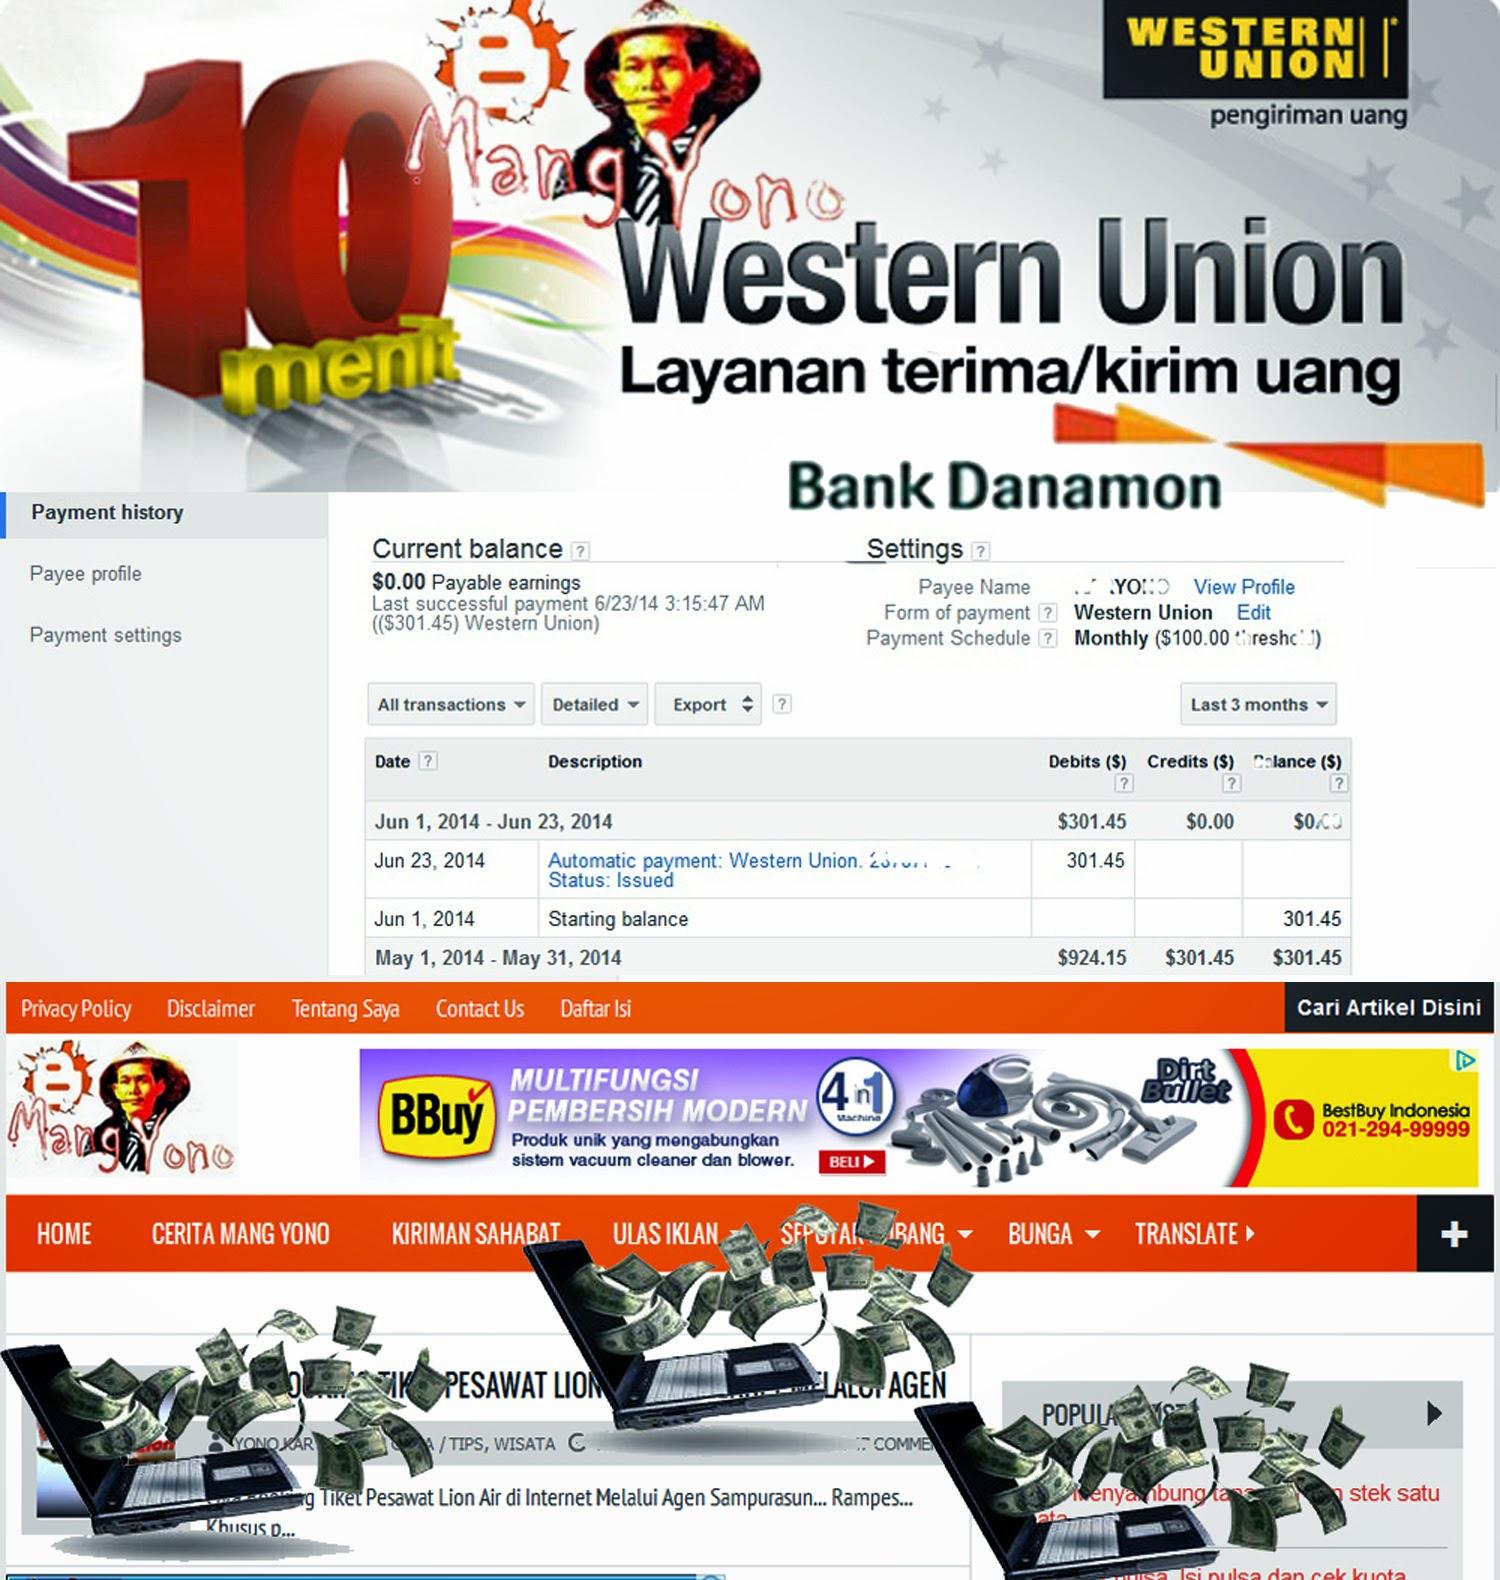 Cuma 10 Menit terima Uang Via Western Union lewat Bank Danamon